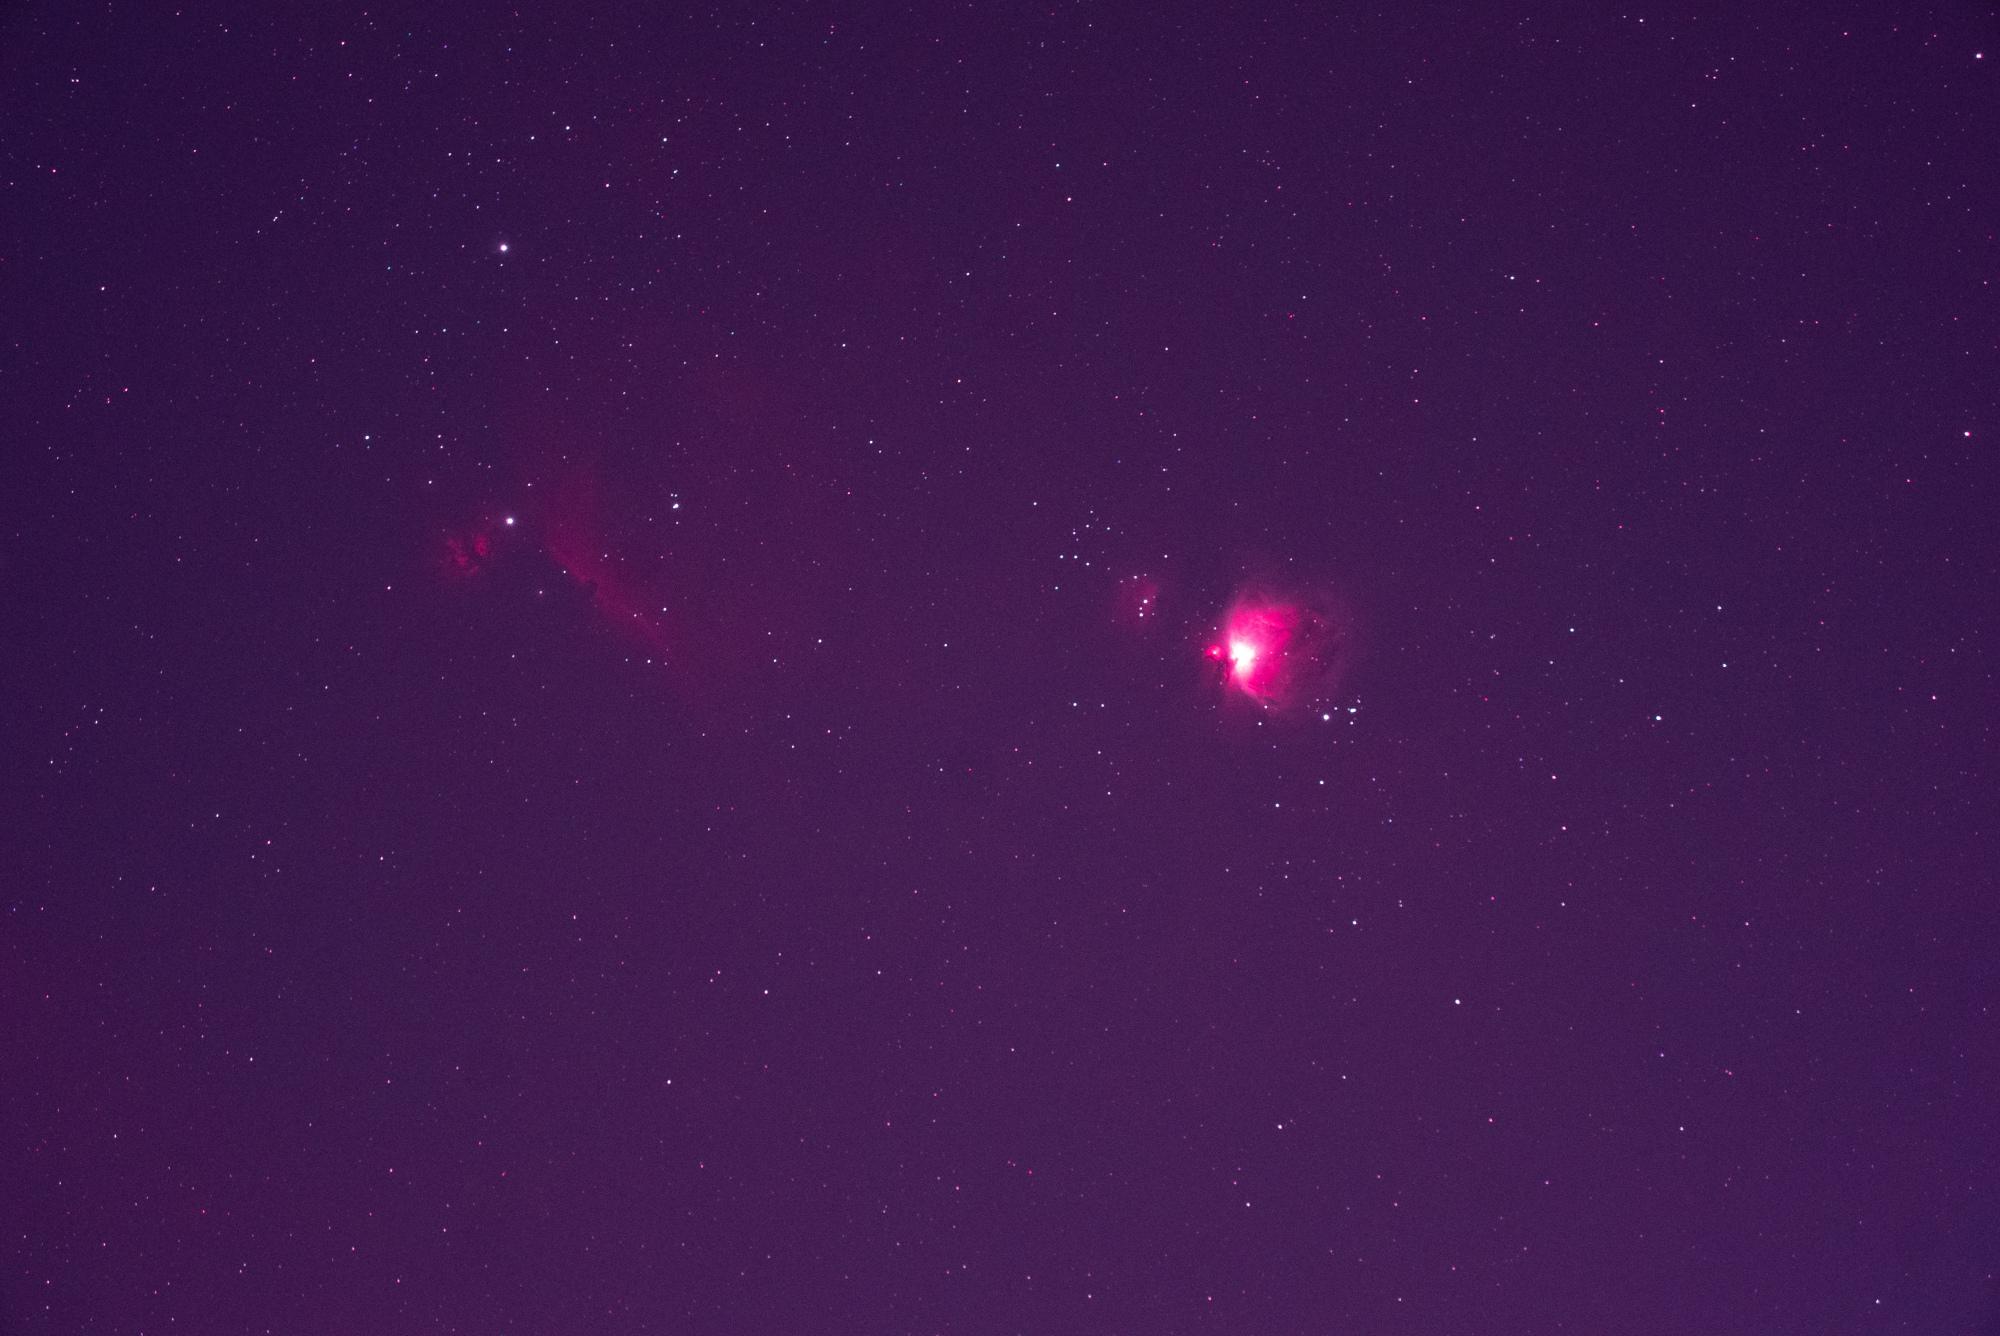 Brute_Orion_lune.thumb.jpg.2a2f7f9c85161a68fd7099f6ffb9e11d.jpg